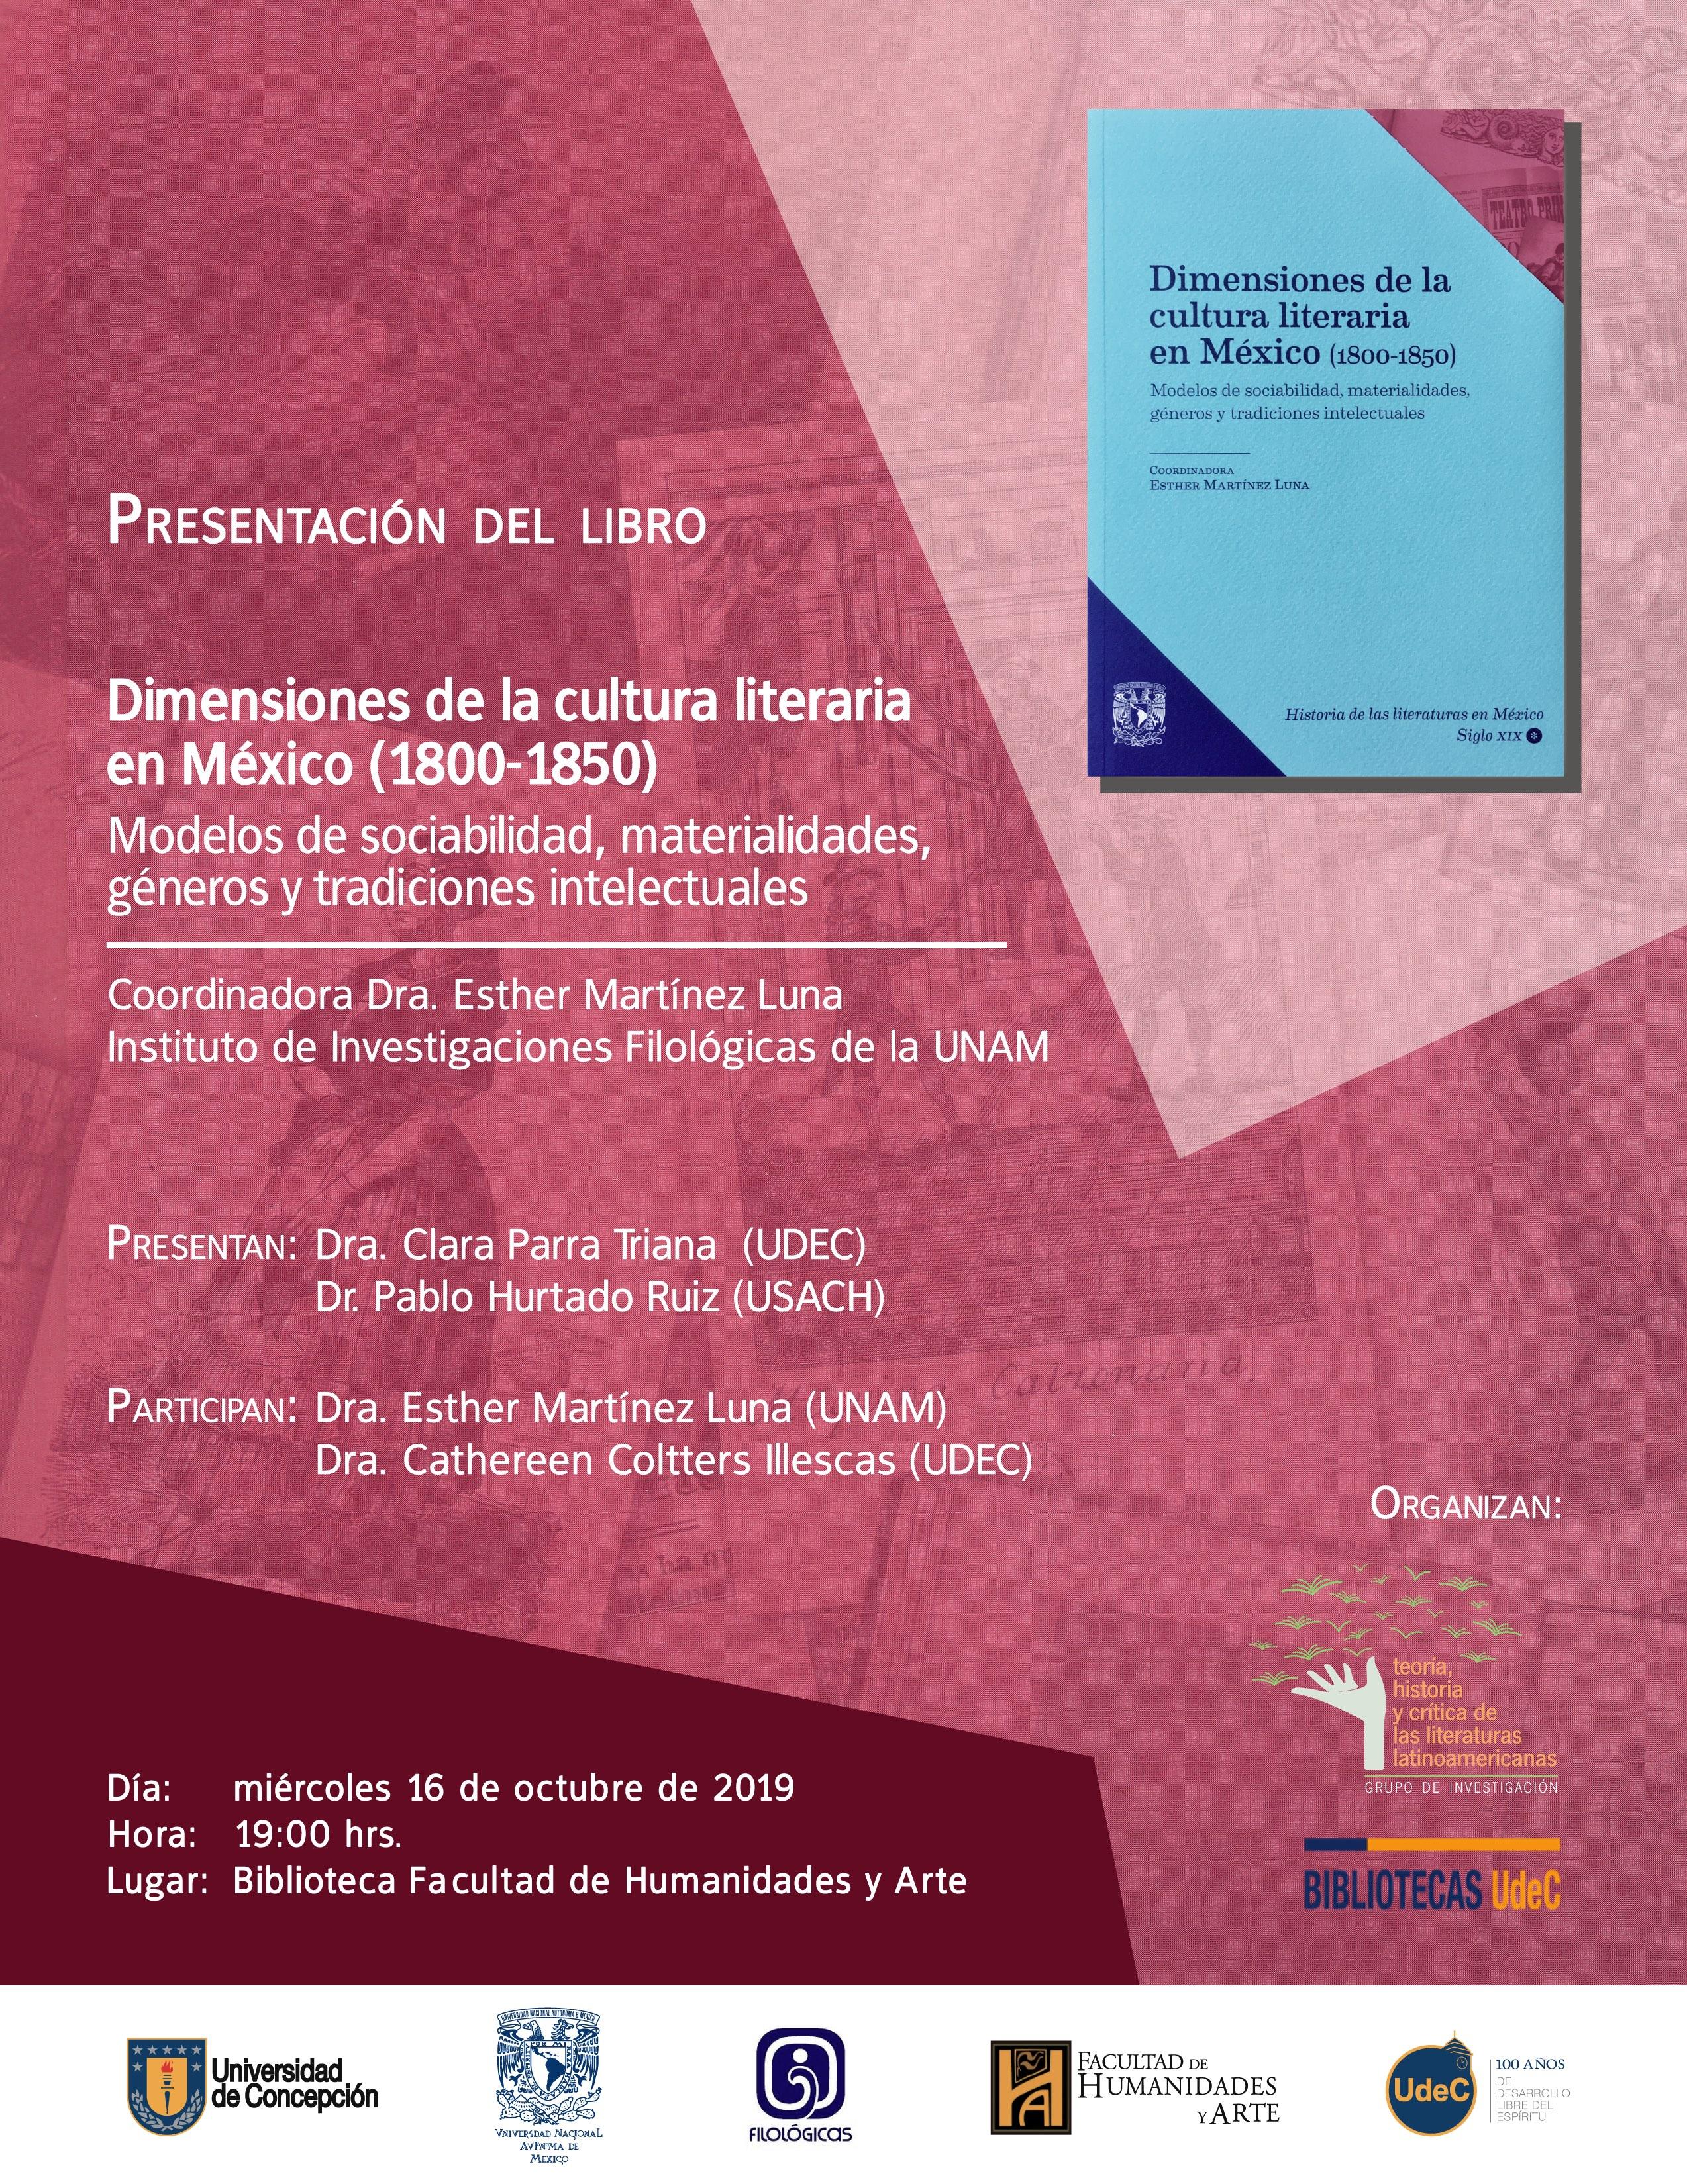 presentacionlibro-unam_udec-2019